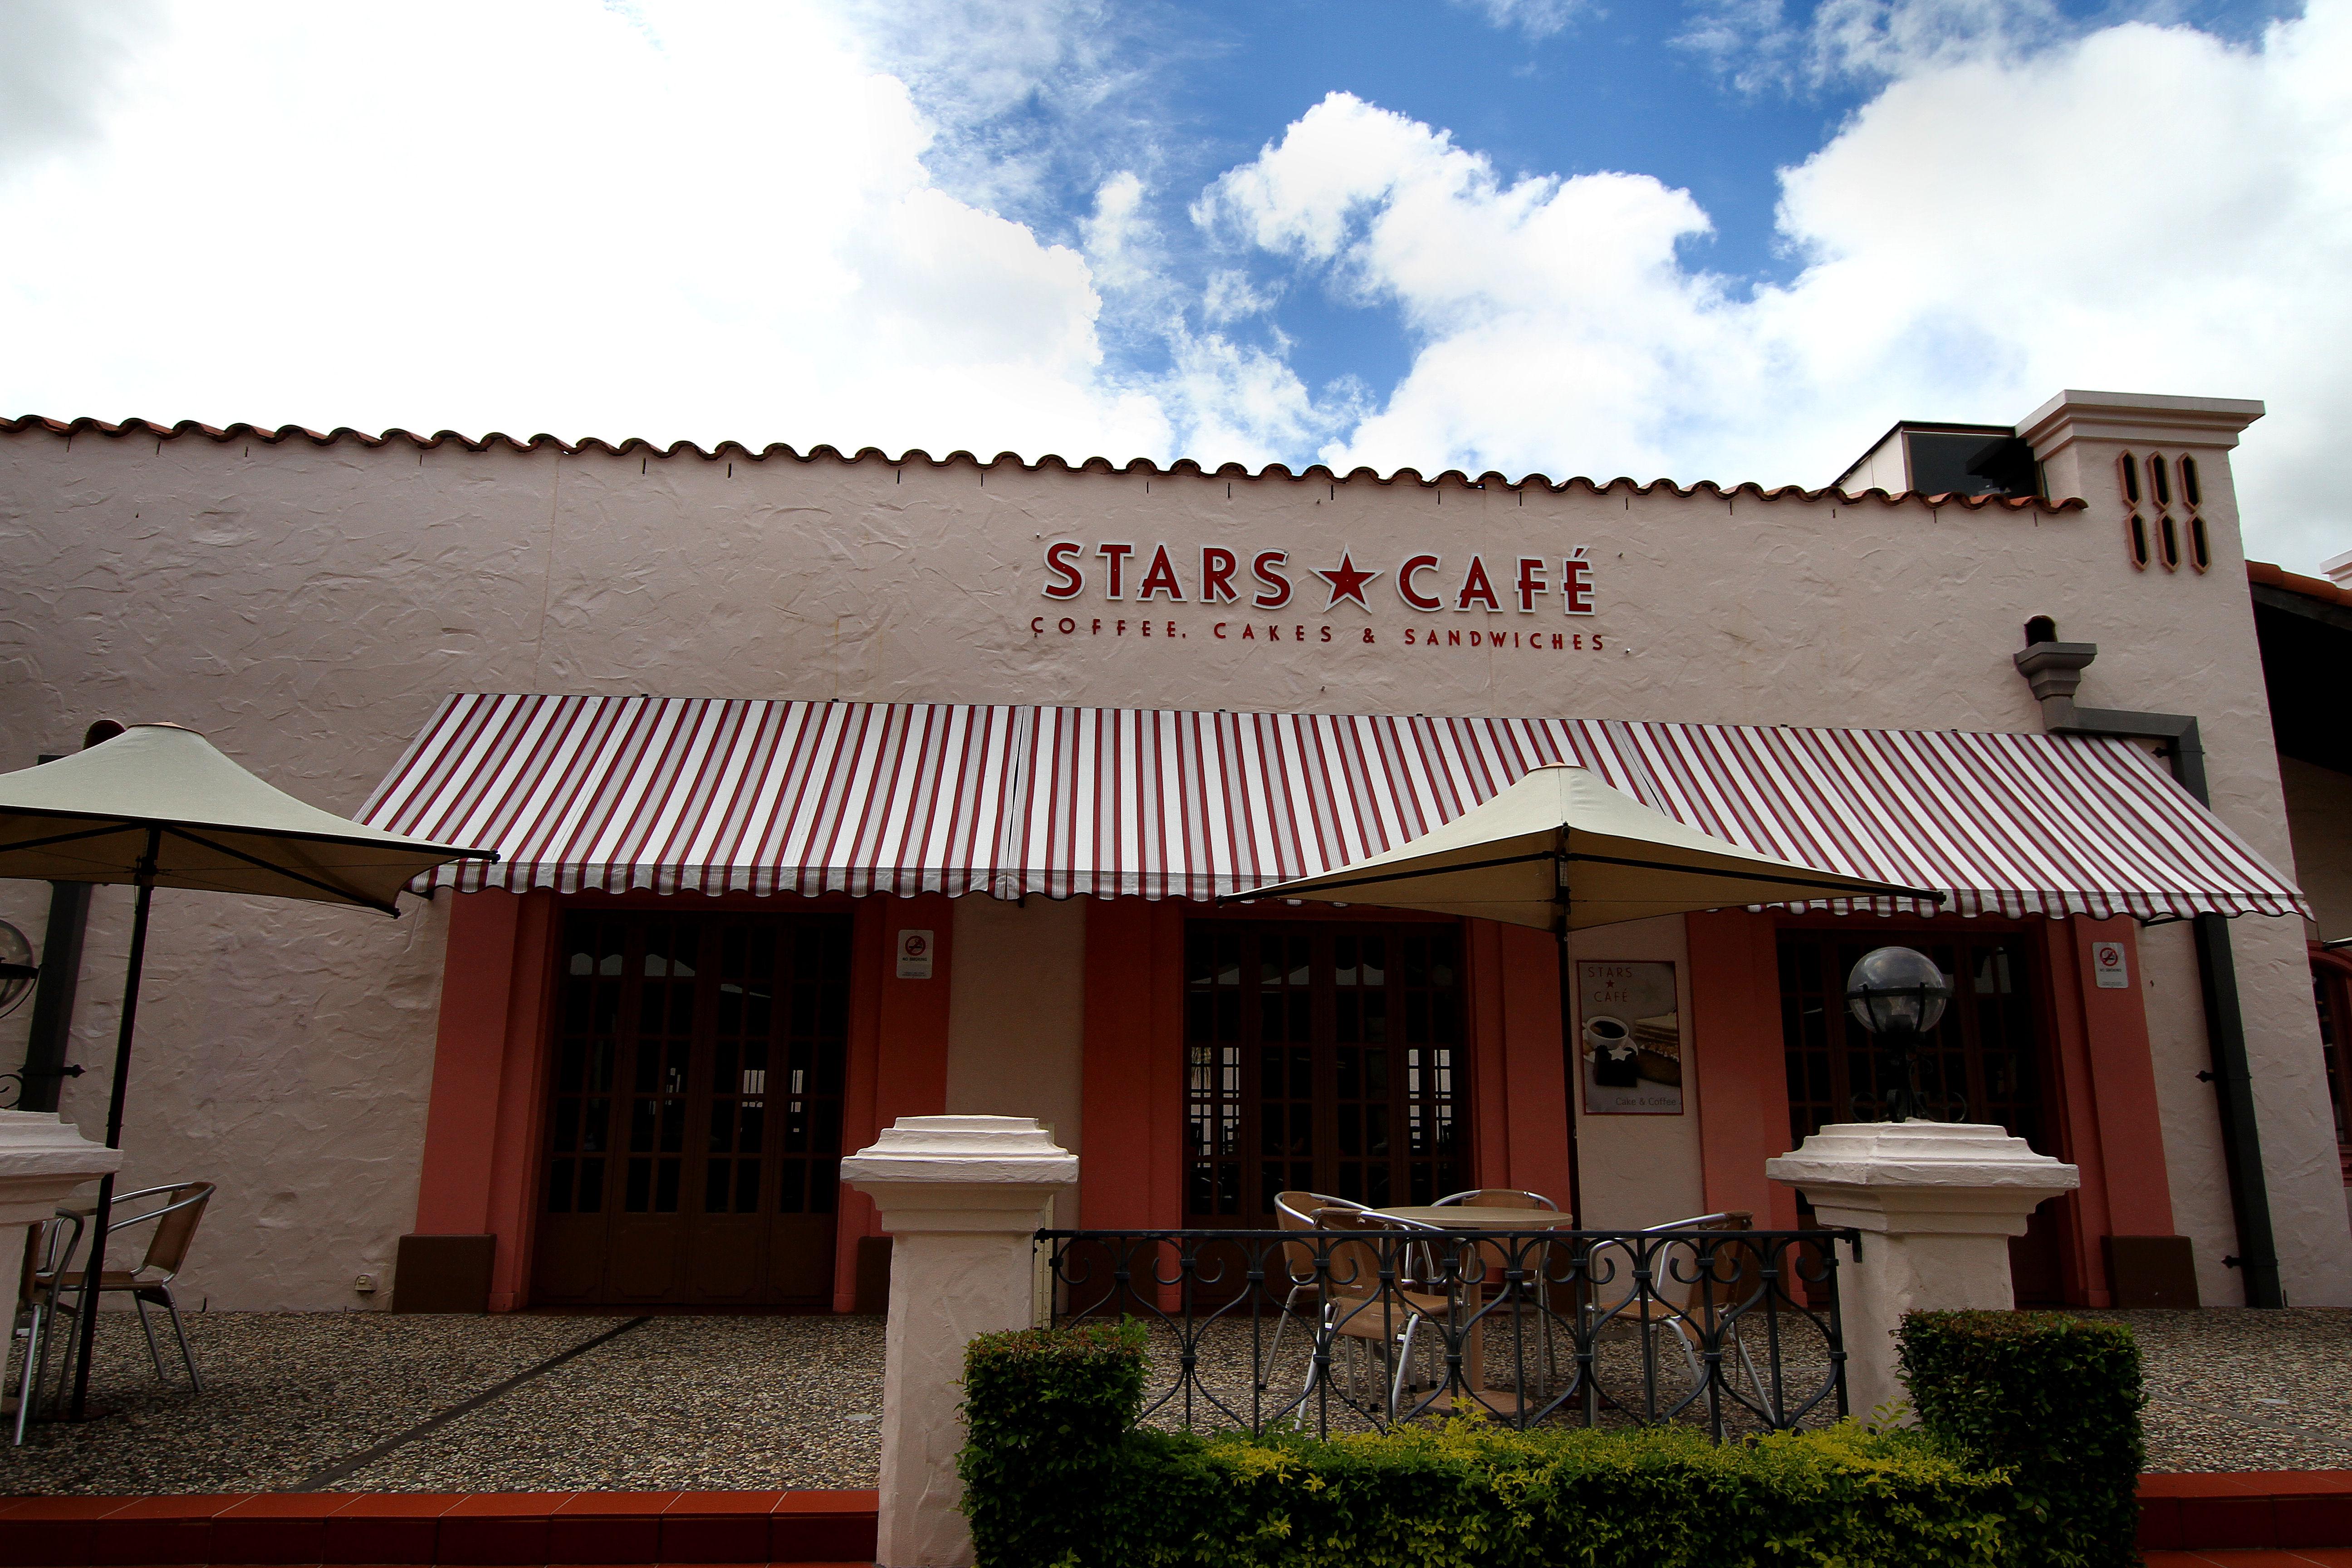 Filestars cafe at warner bros movie worldg wikimedia commons filestars cafe at warner bros movie worldg gumiabroncs Images